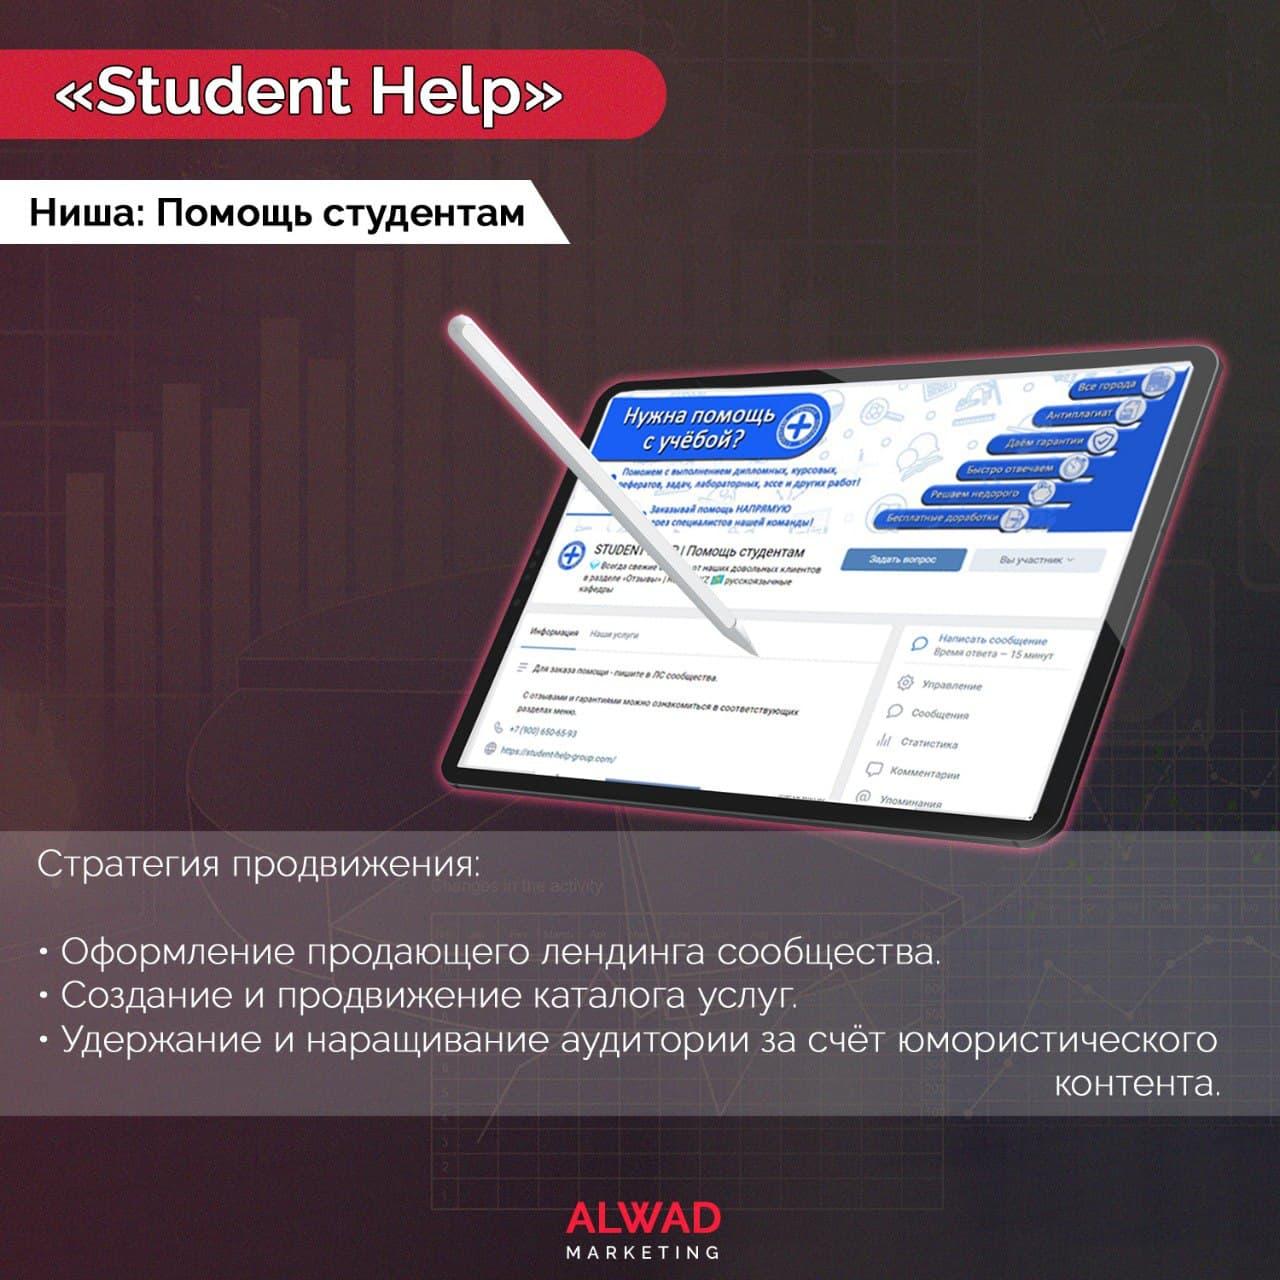 SMM продвижение сообщества по помощи студентам